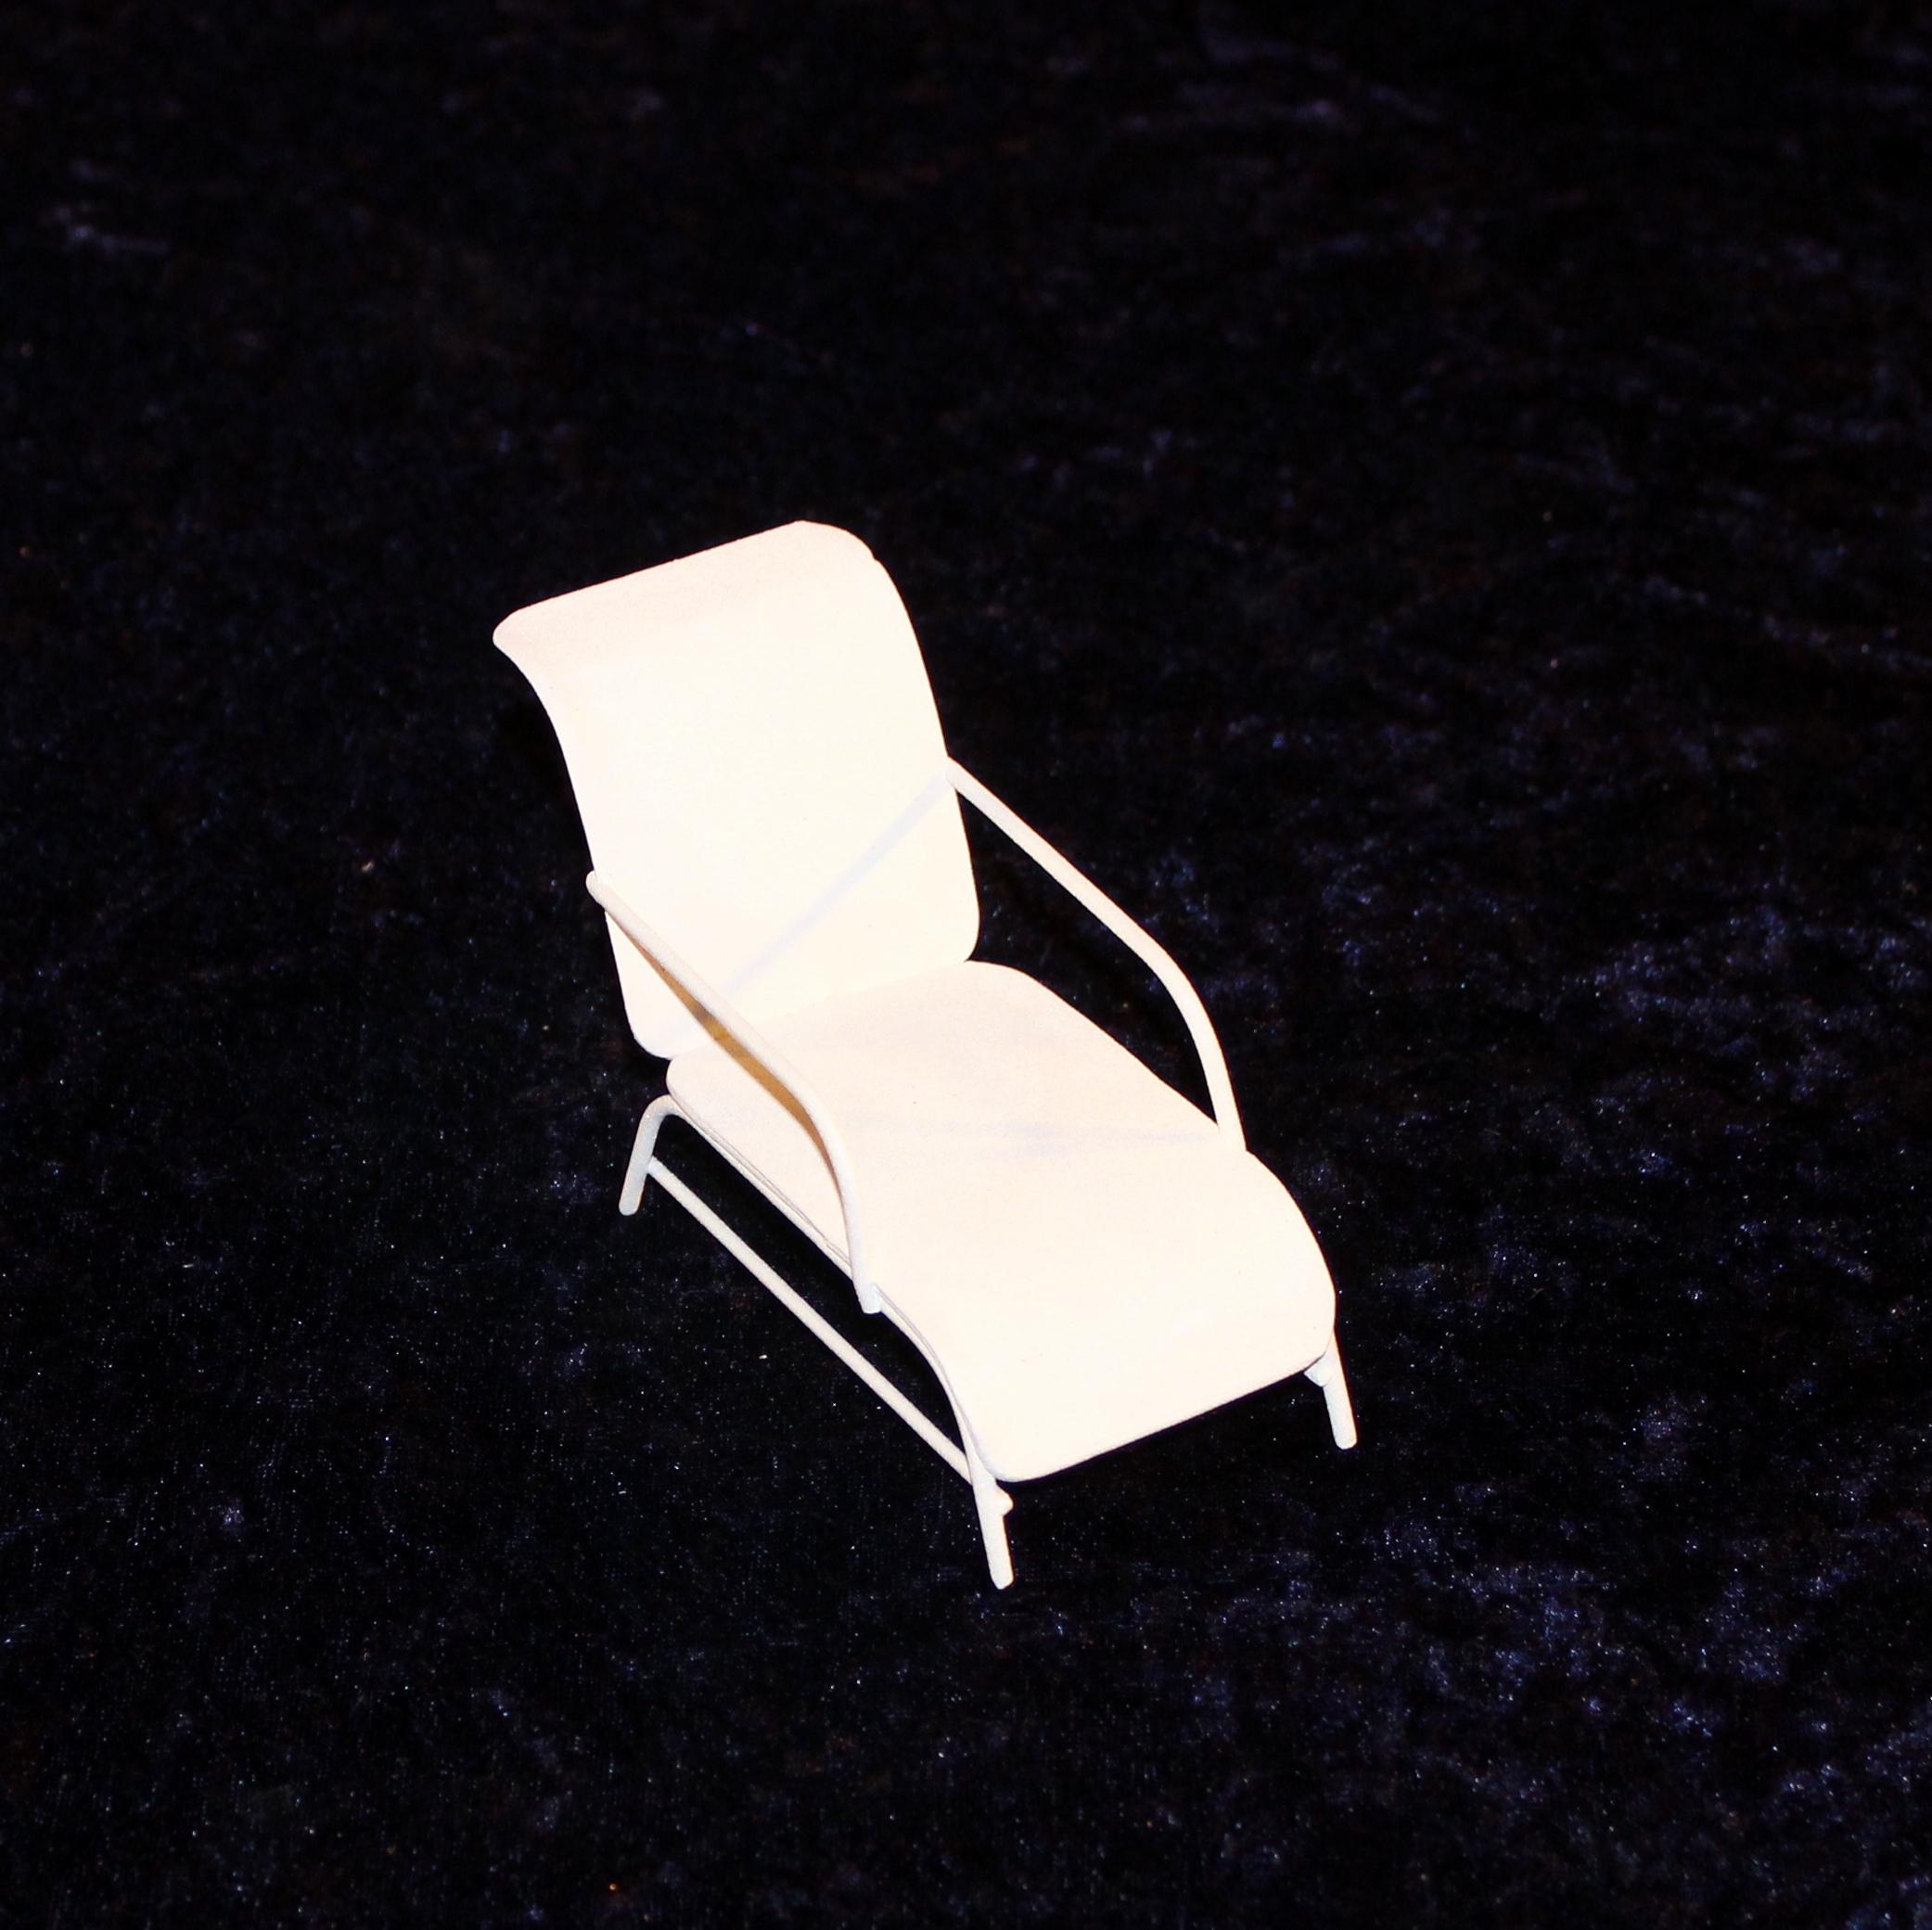 Mini garten liege liegestuhl wei minigarten deko miniatur gartenm bel metall - Miniatur gartenmobel ...